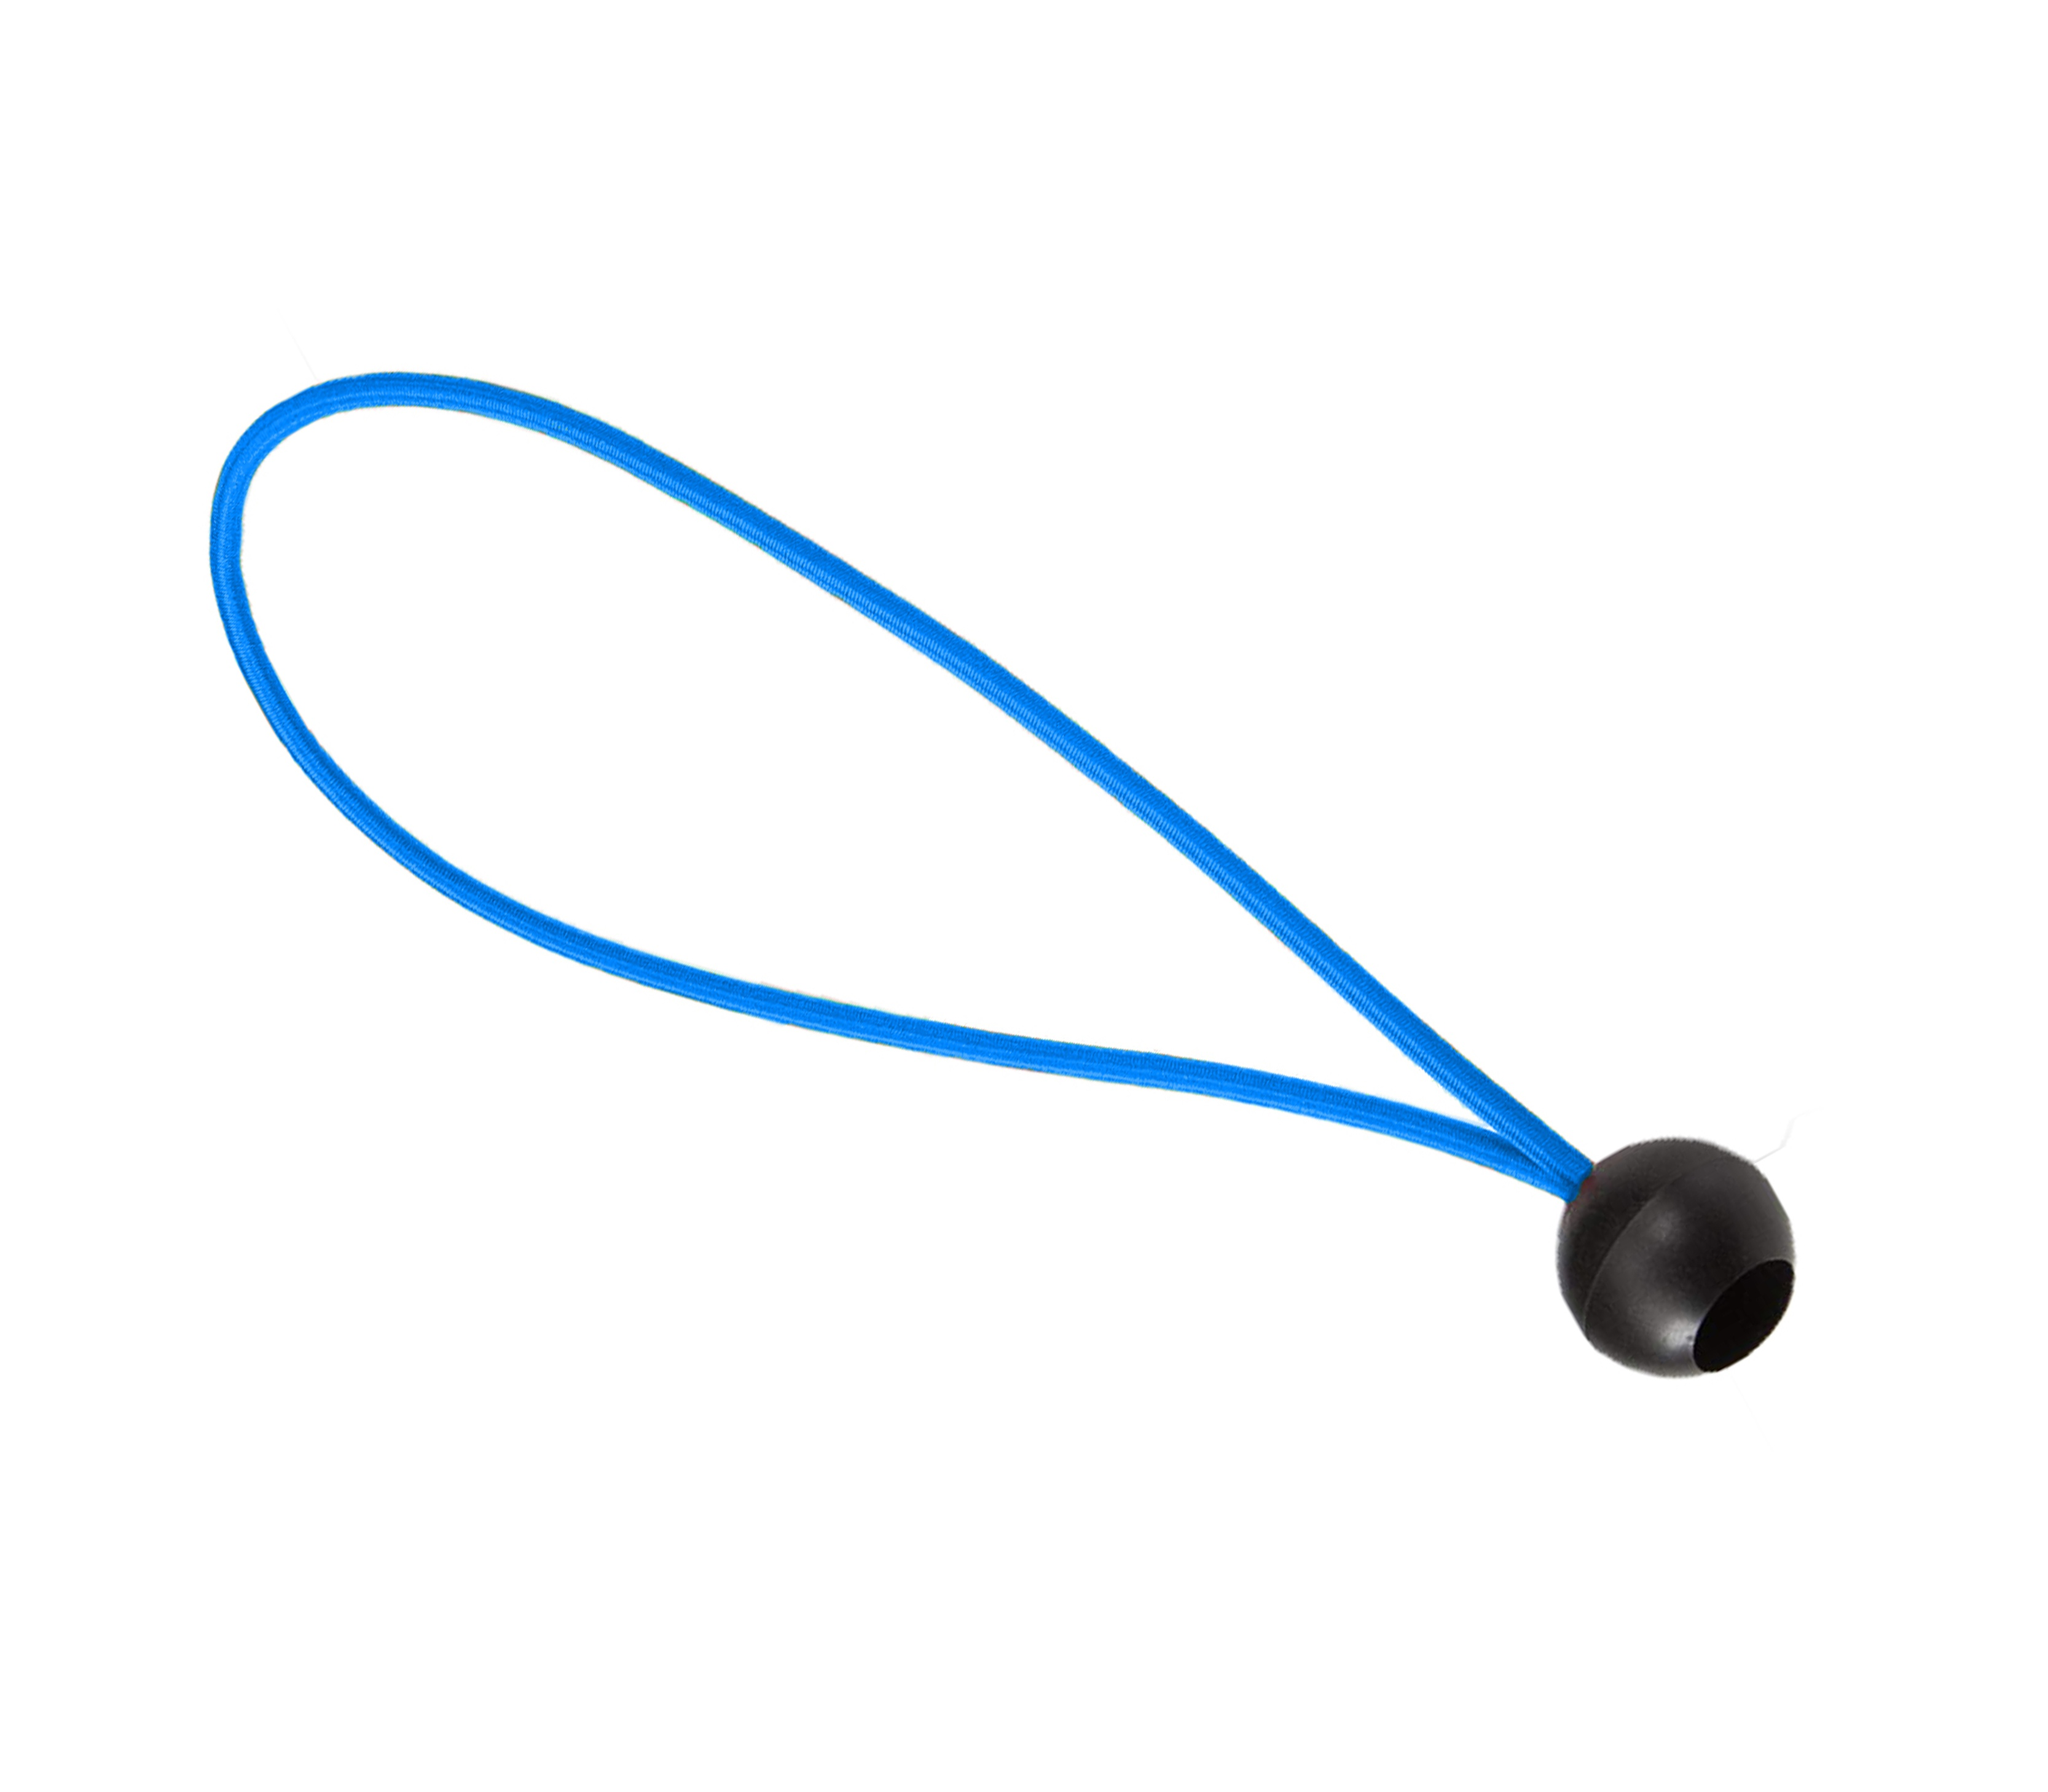 Aga gumička na fitness trampolínu Blue